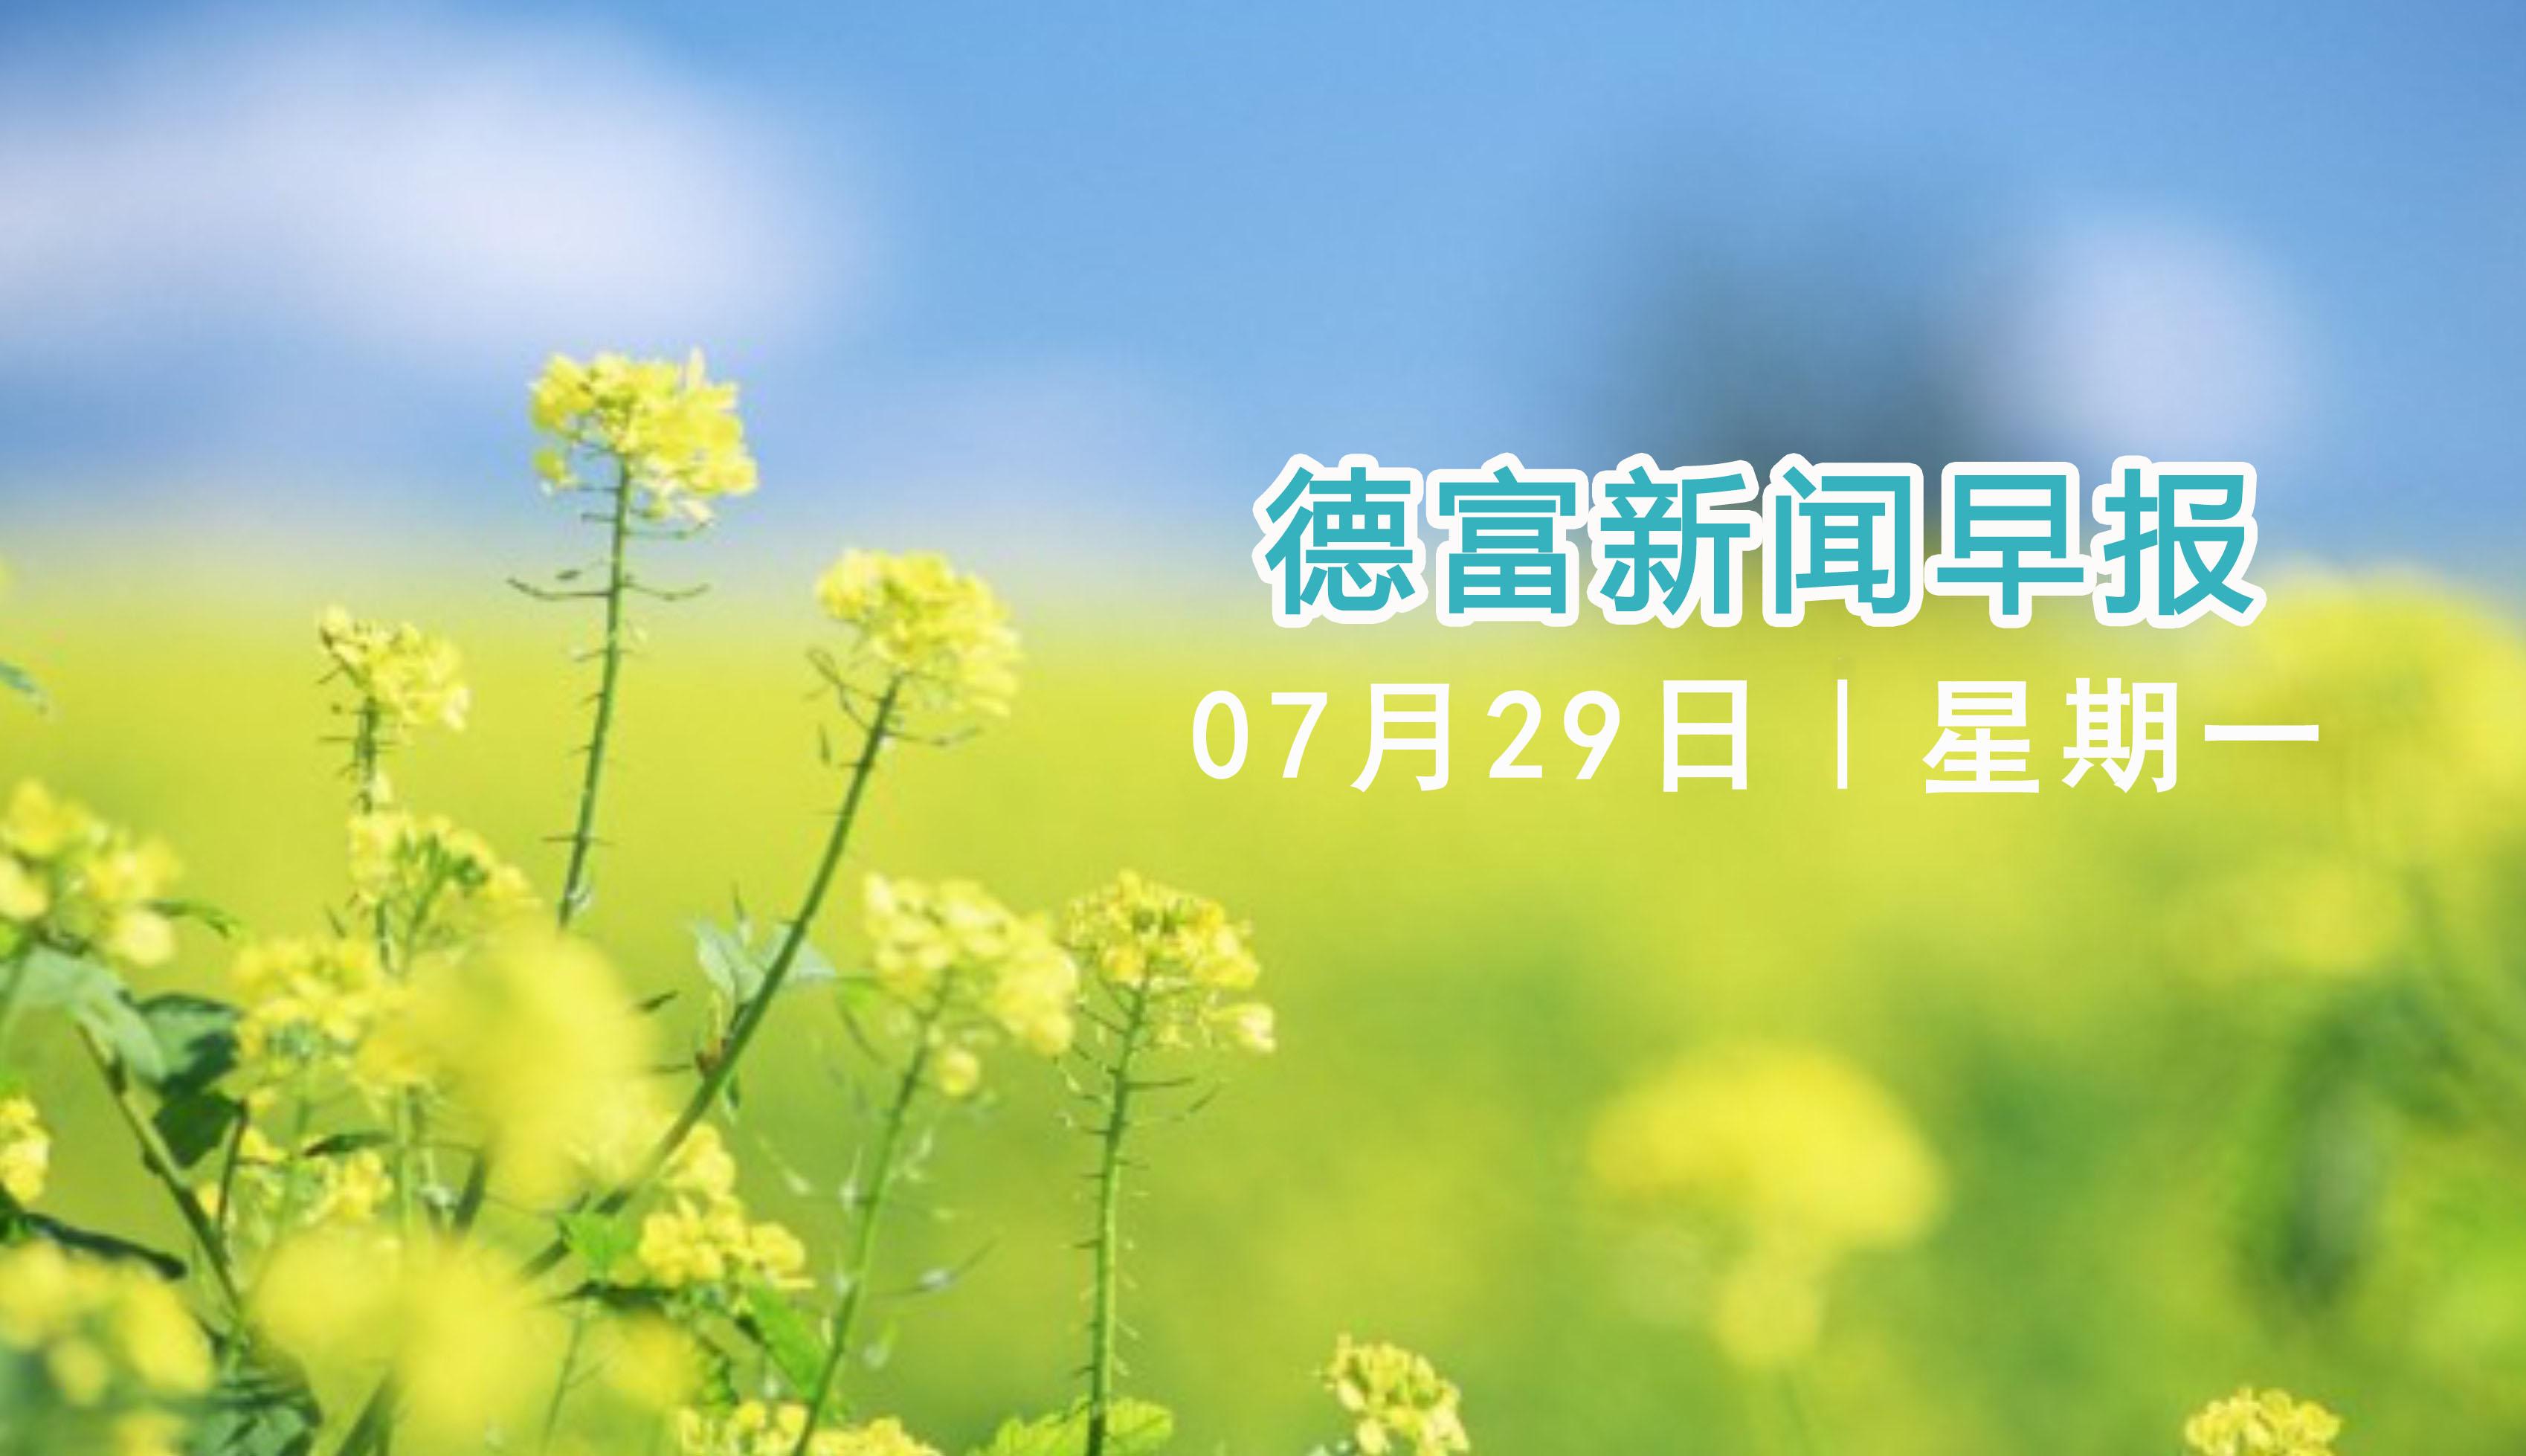 20190729德富新闻早报